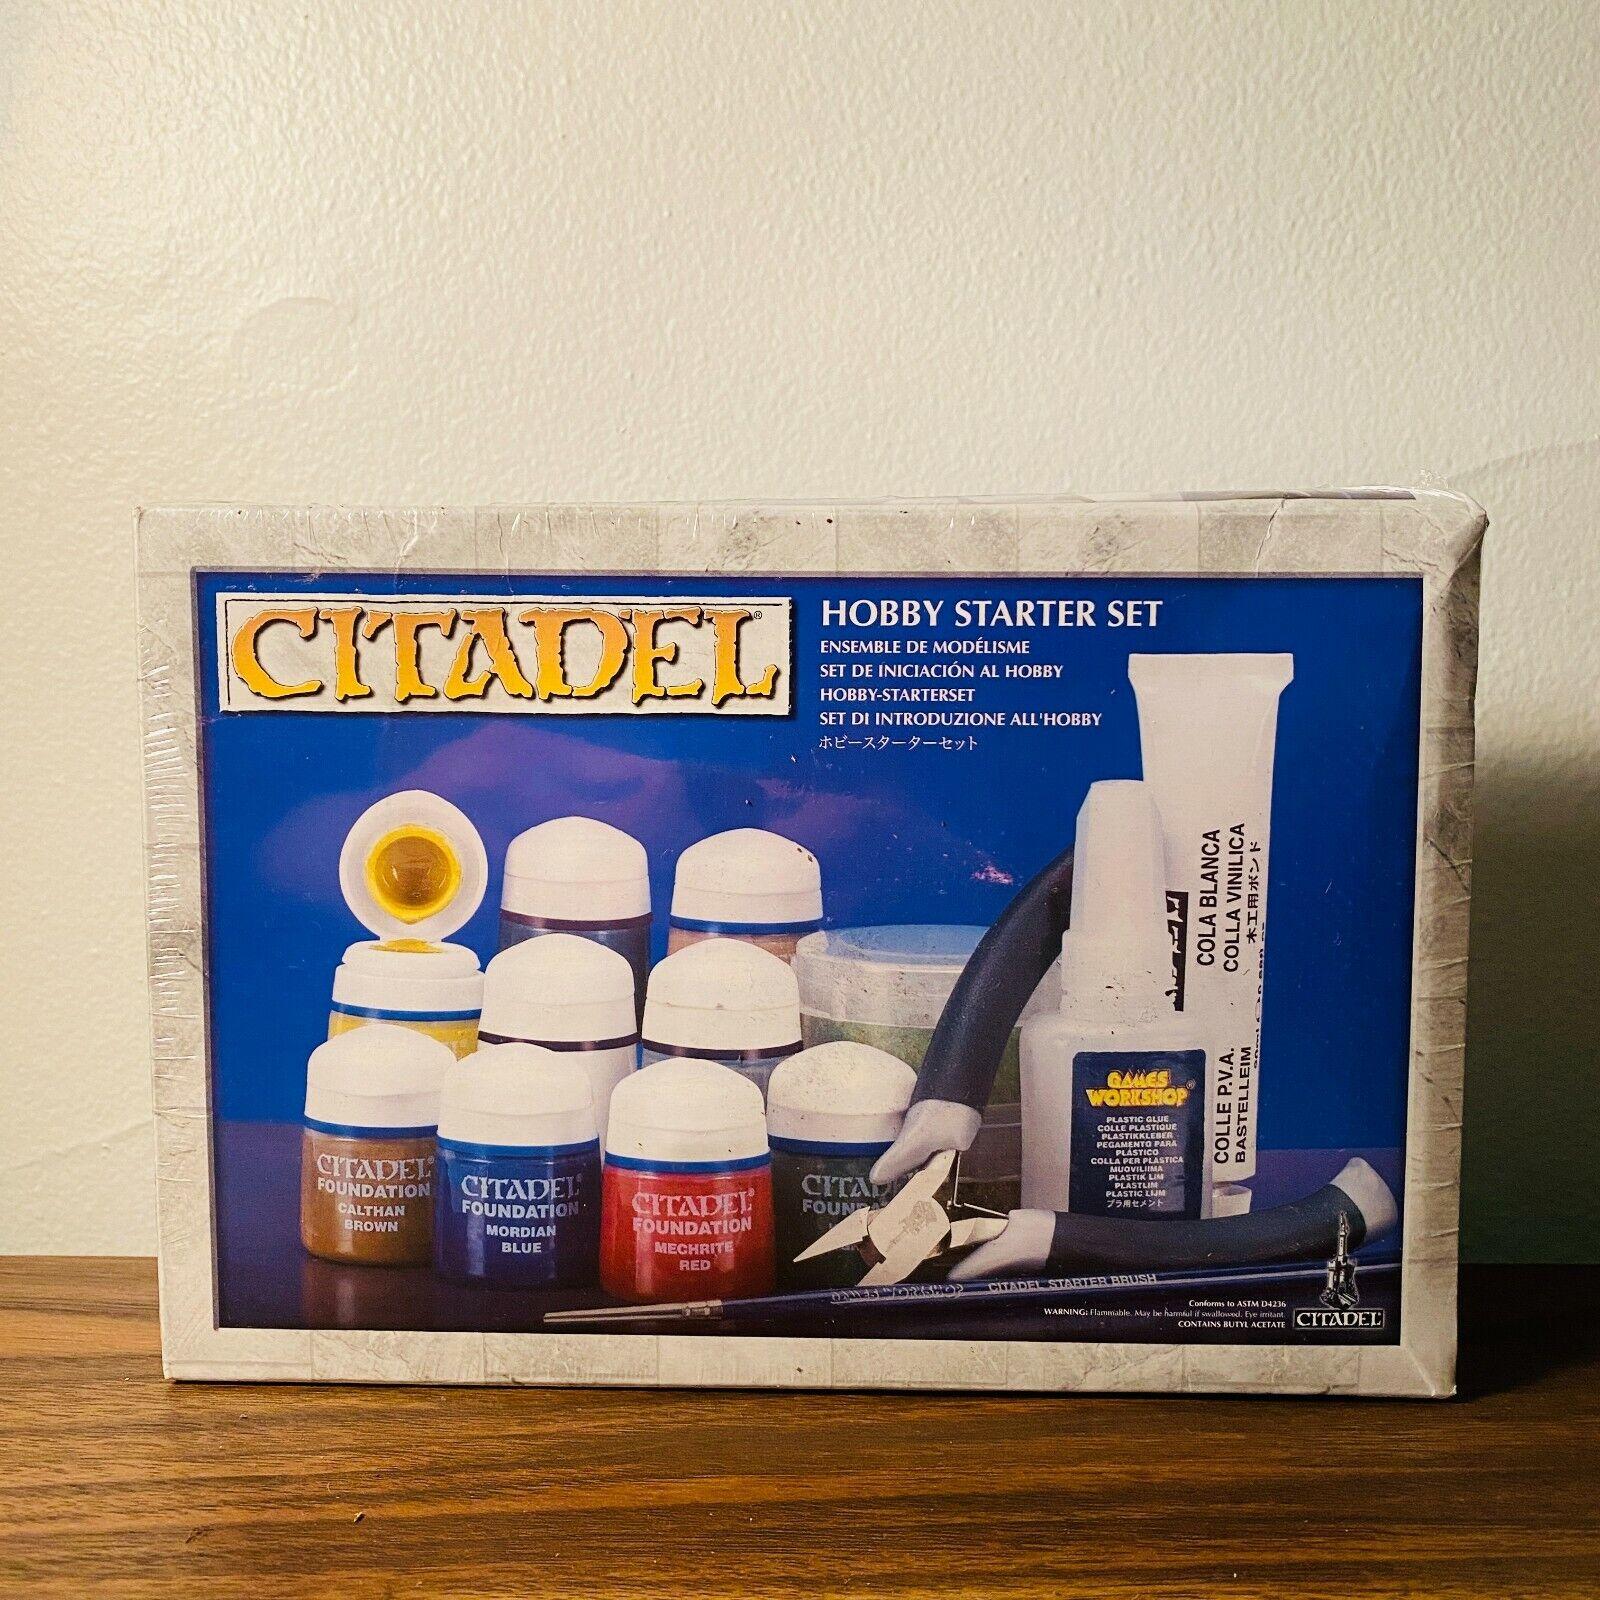 Citadel Hobby Starter Set factory Sealed Ballast, Turf, Grass, Etc - $79.99